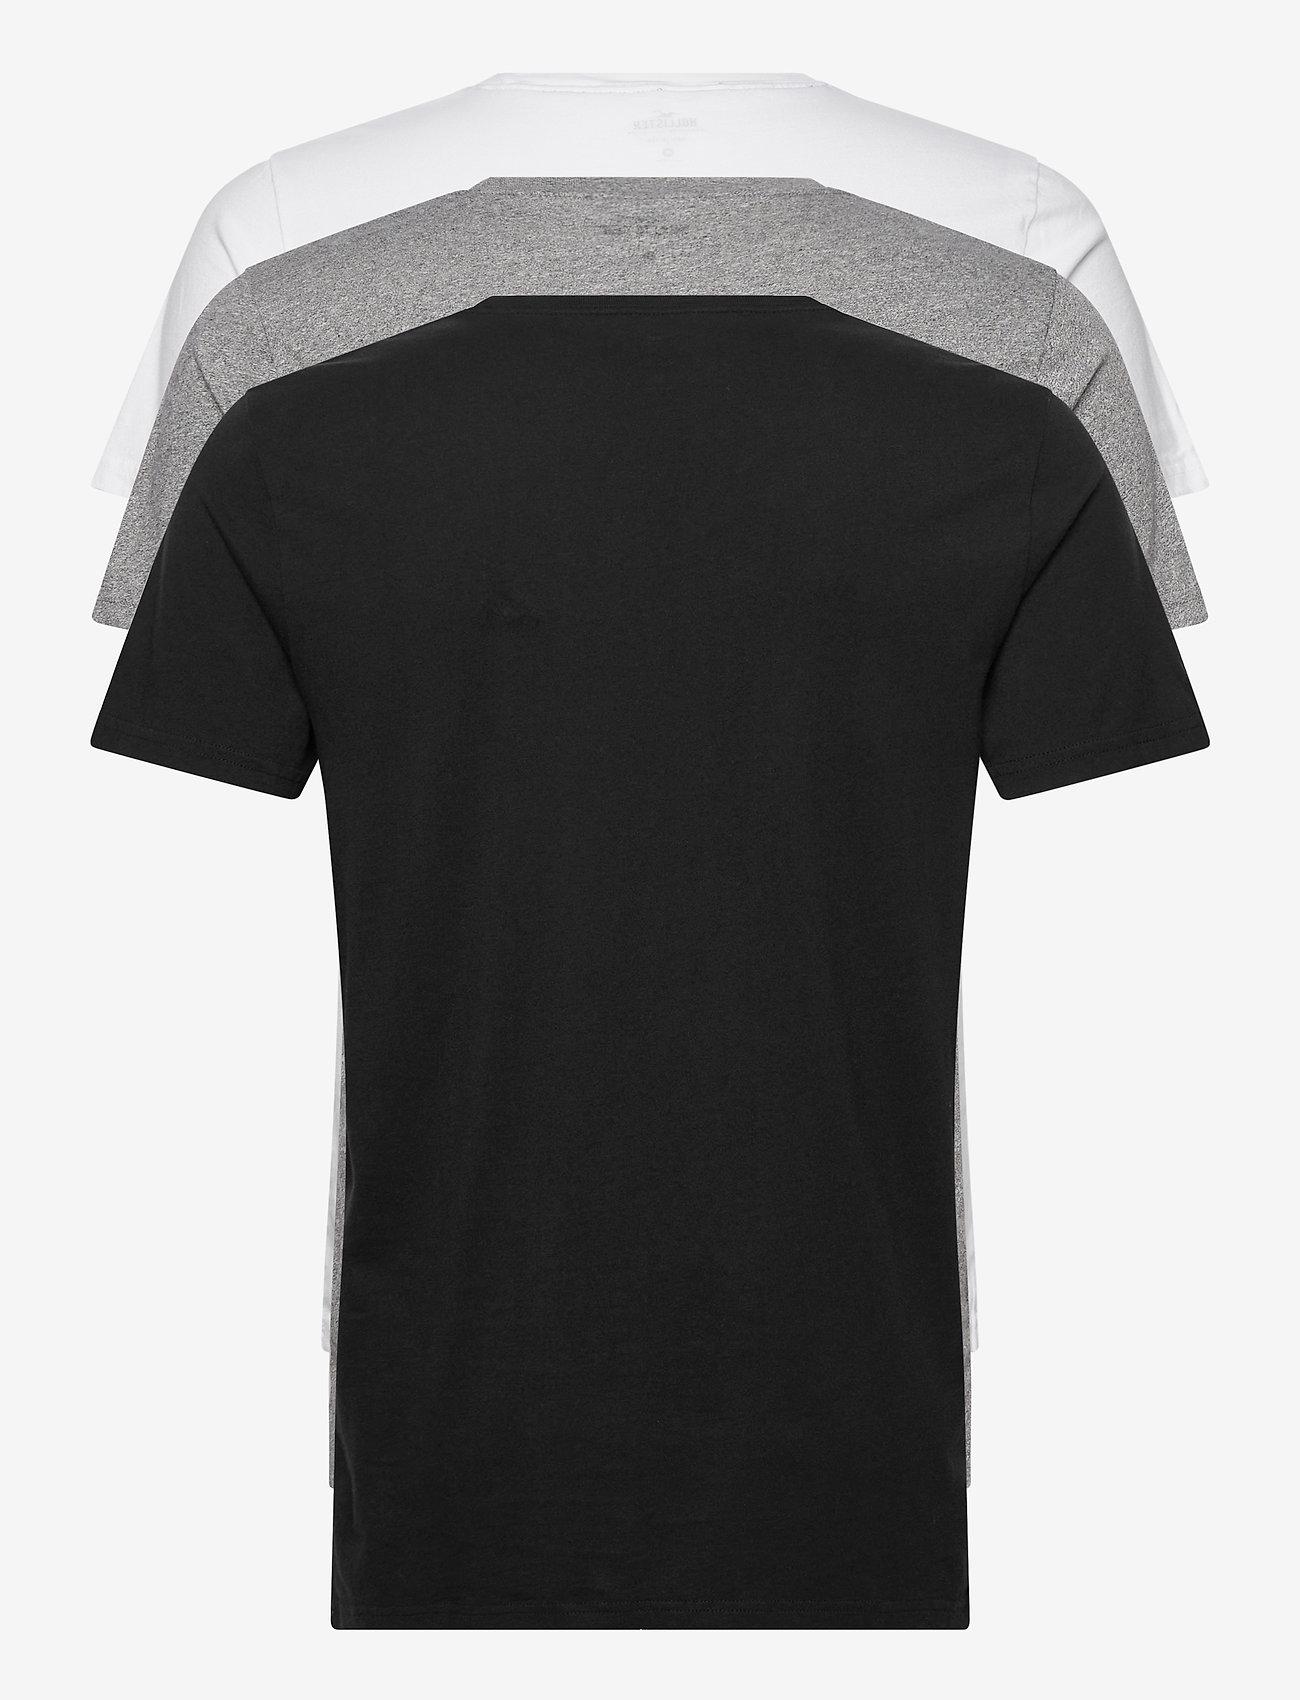 Hollister HCo. GUYS KNITS - T-skjorter WHITE - Menn Klær